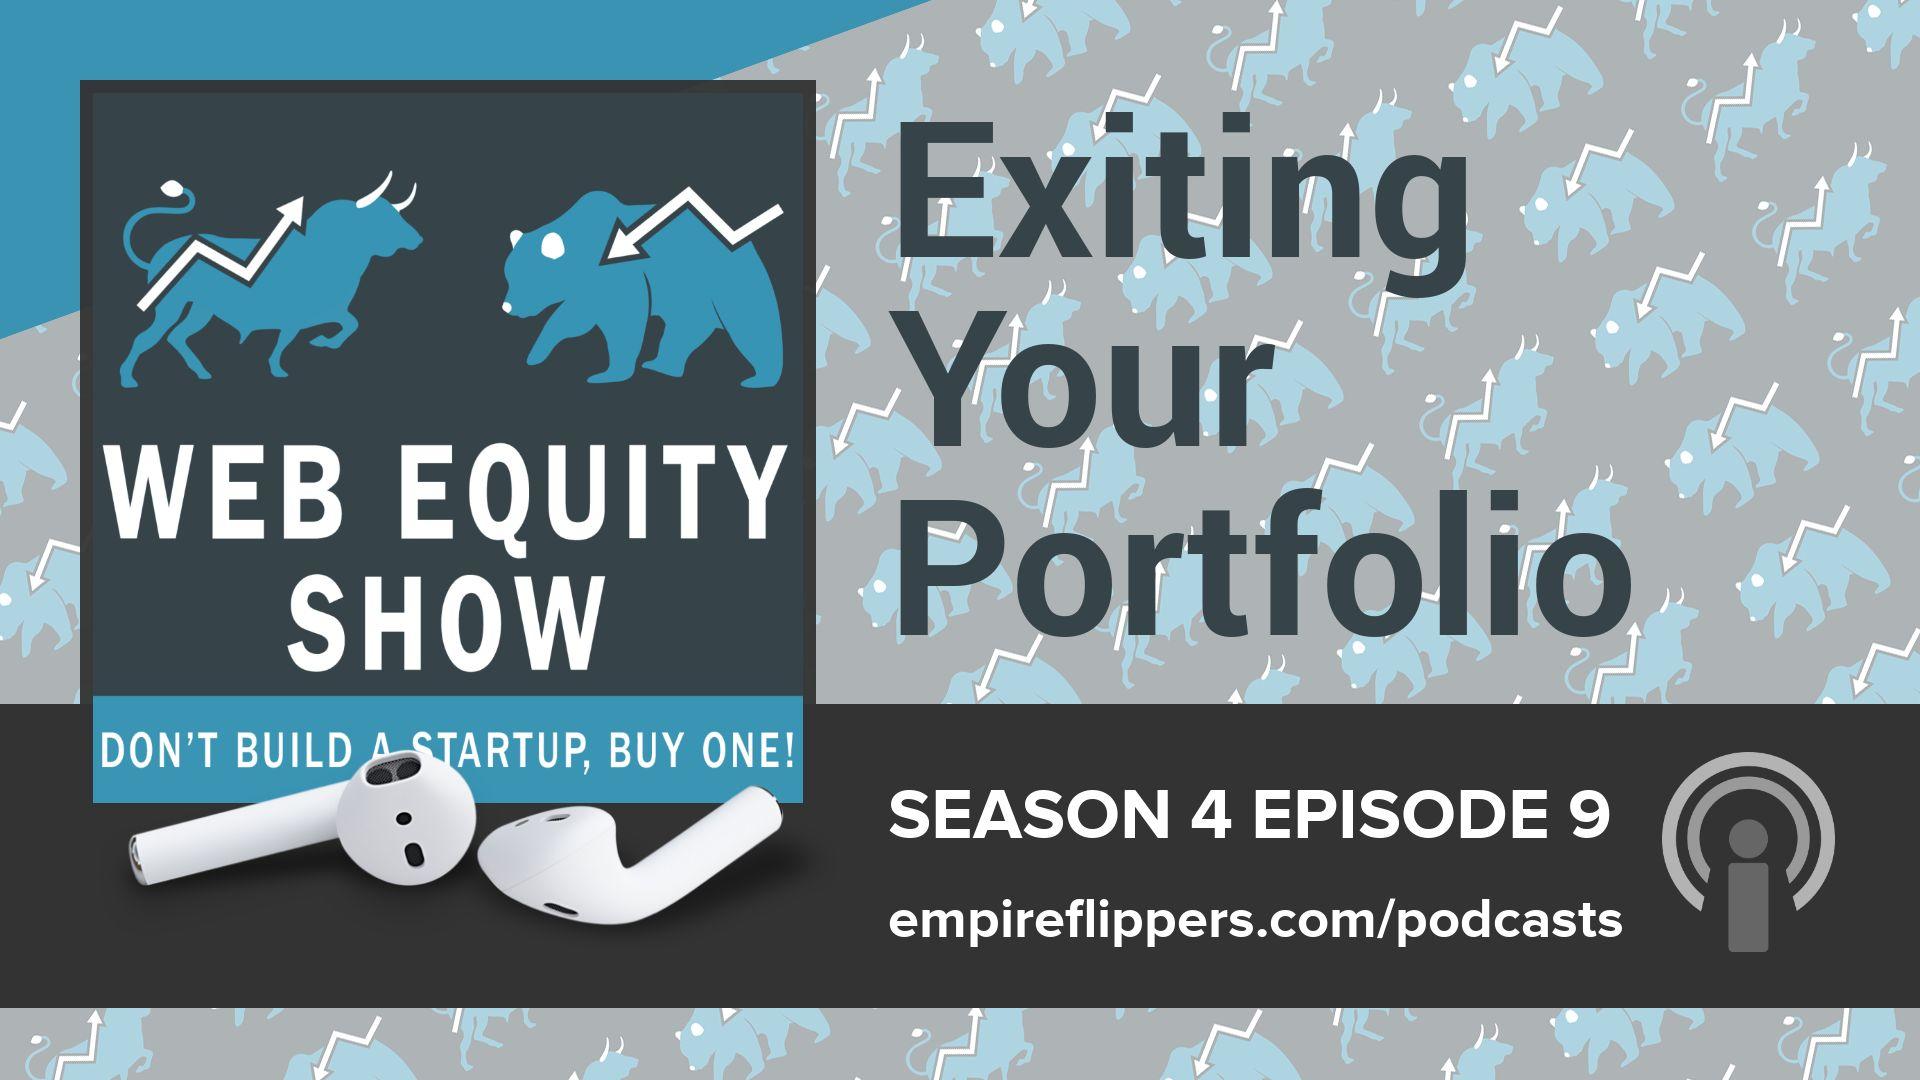 Web Equity Show - Exiting Your Portfolio